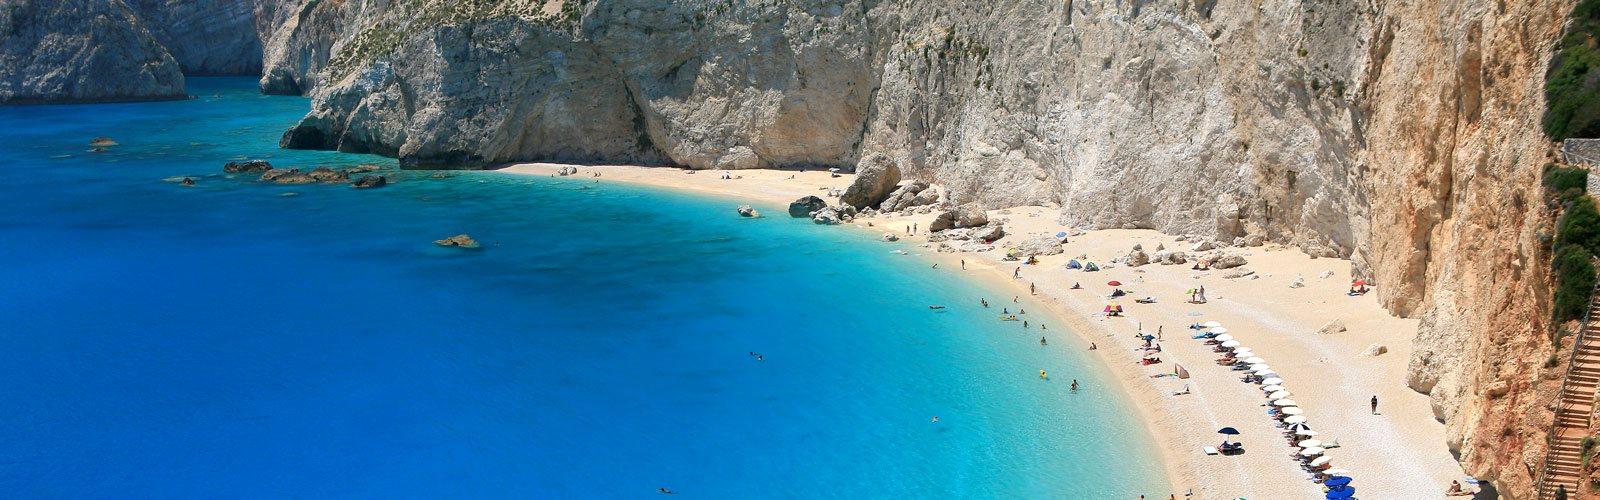 Wunderschöner griechischer Strand mit leuchtendem Meer neben steiler Küstenwand